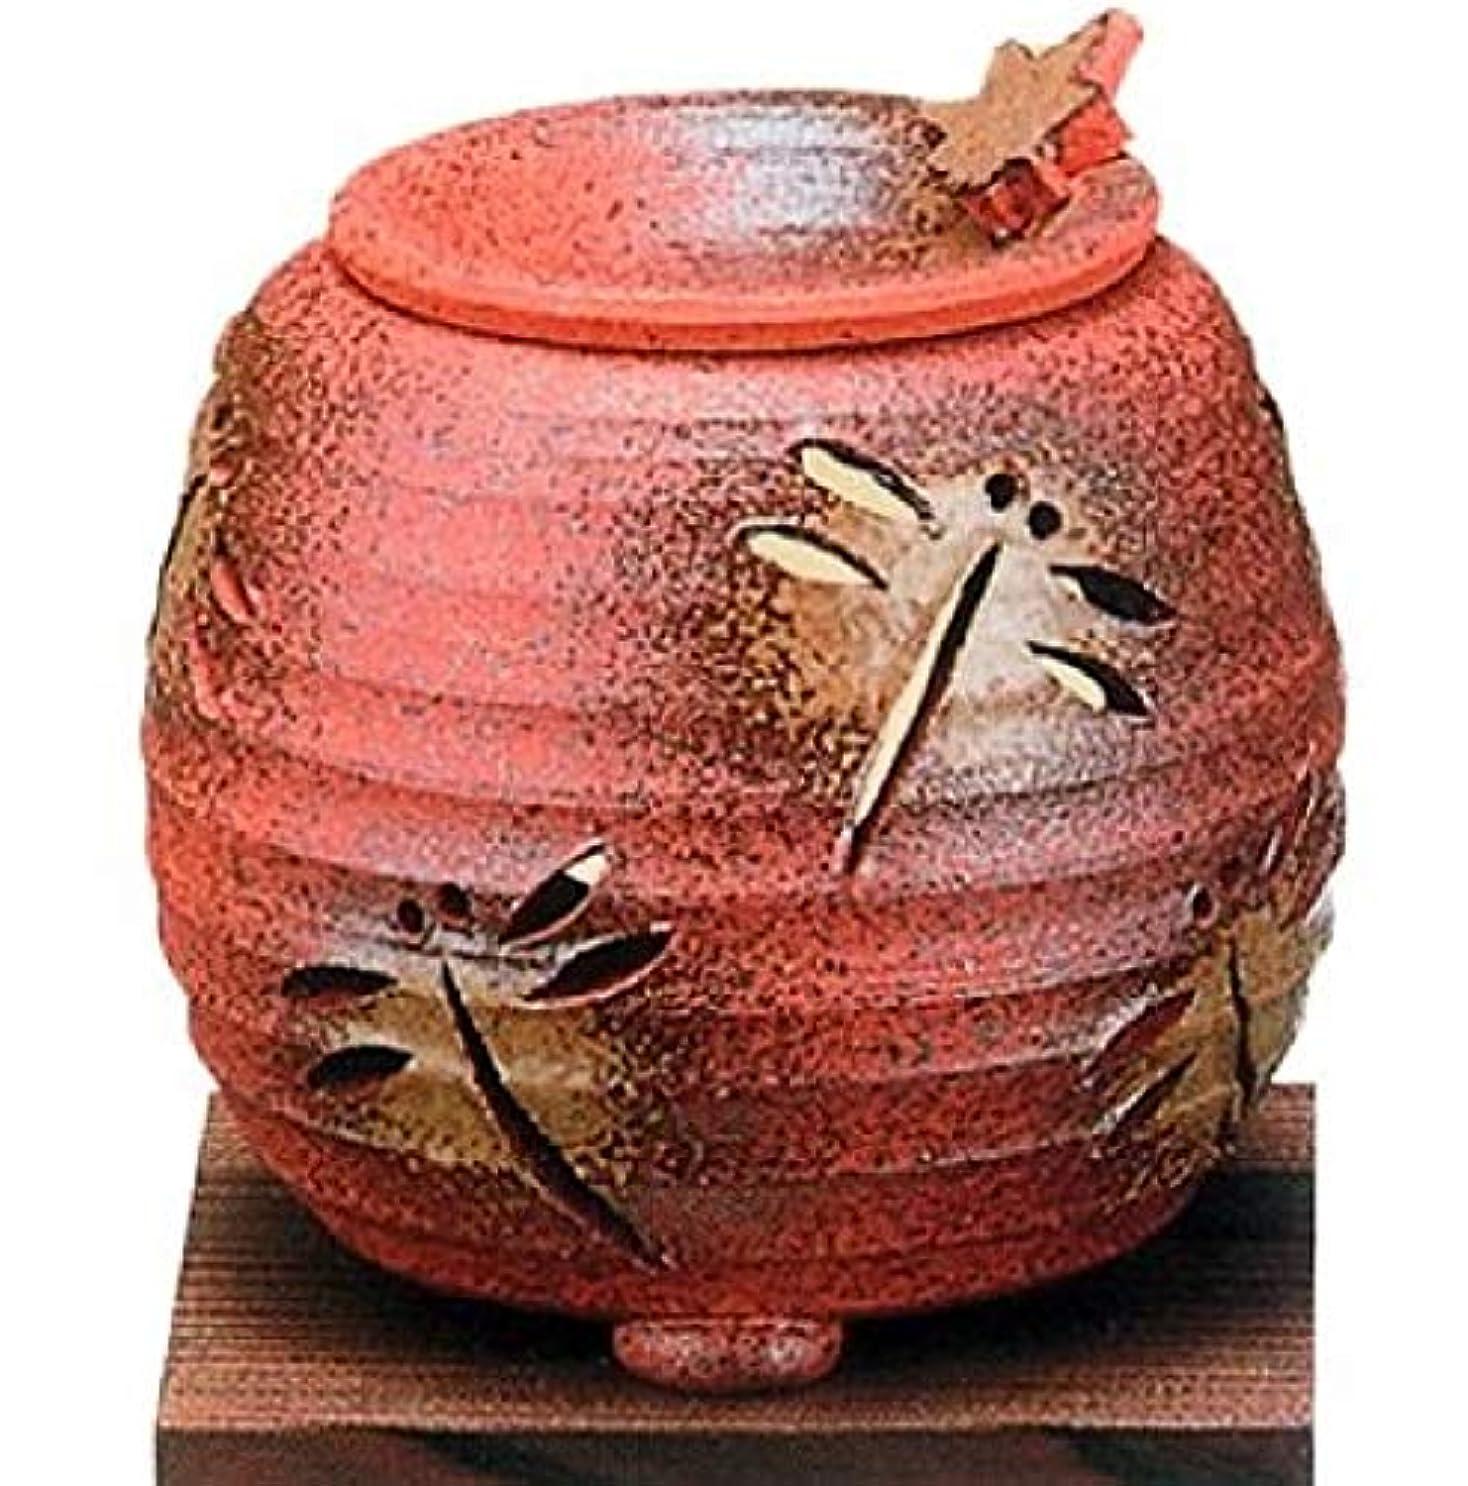 無臭全滅させる編集する【常滑焼】石龍 焼〆千段トンボ茶香炉   千段トンボ透かし  φ11×H11㎝ 3-830